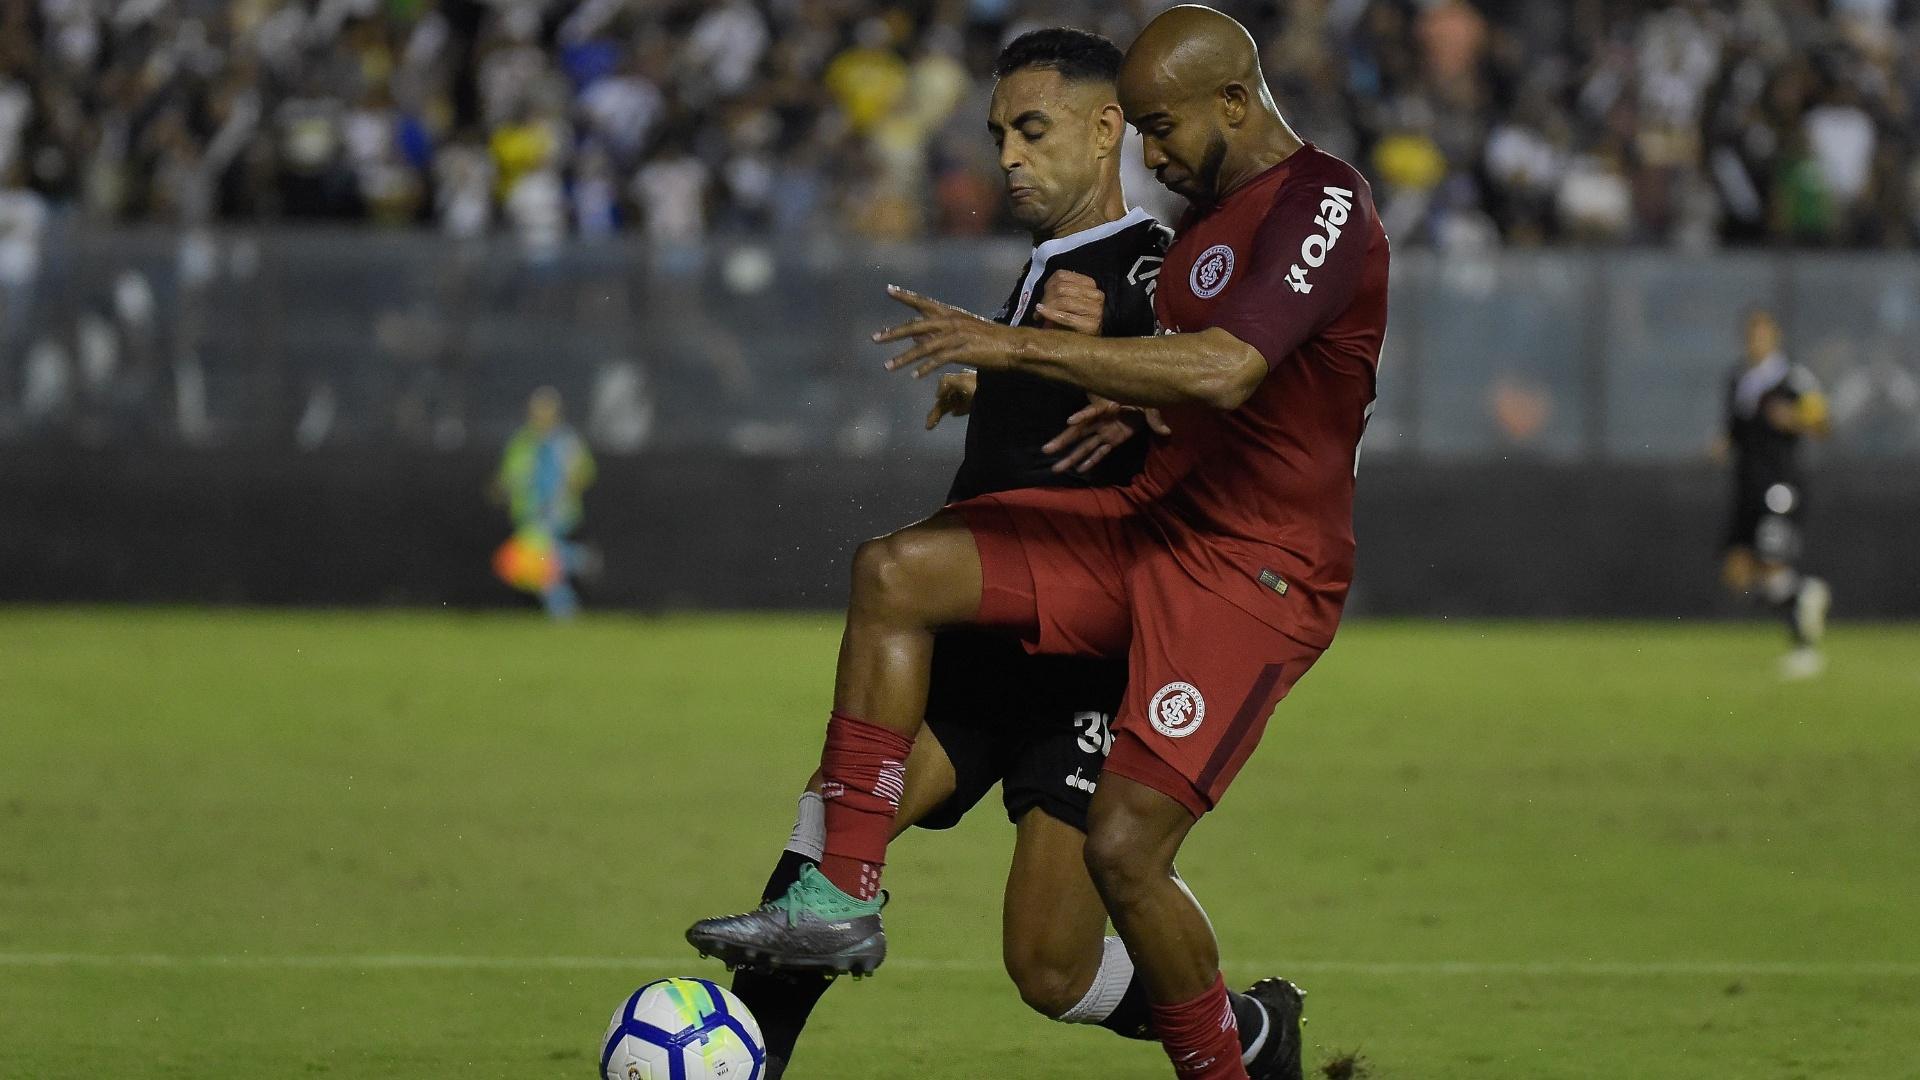 Patrick e Werley lutam pela bola durante duelo entre Vasco e Internacional